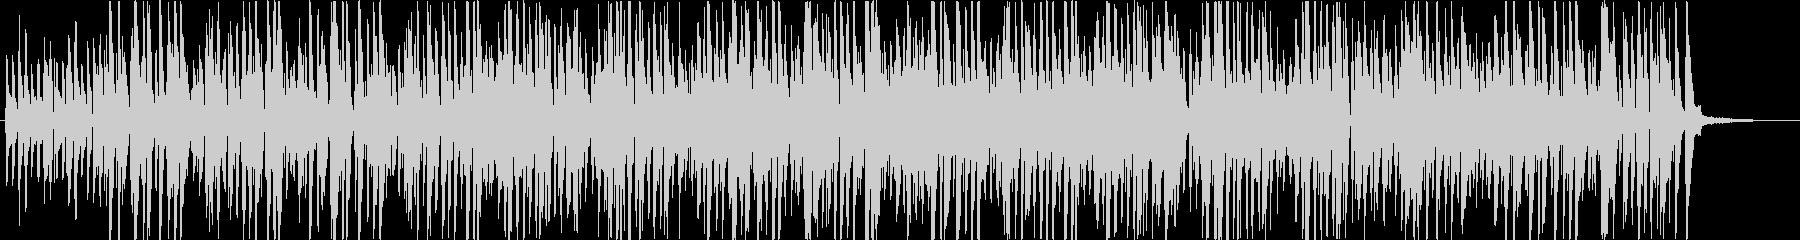 明るくコミカルなイメージのジャズBGMの未再生の波形